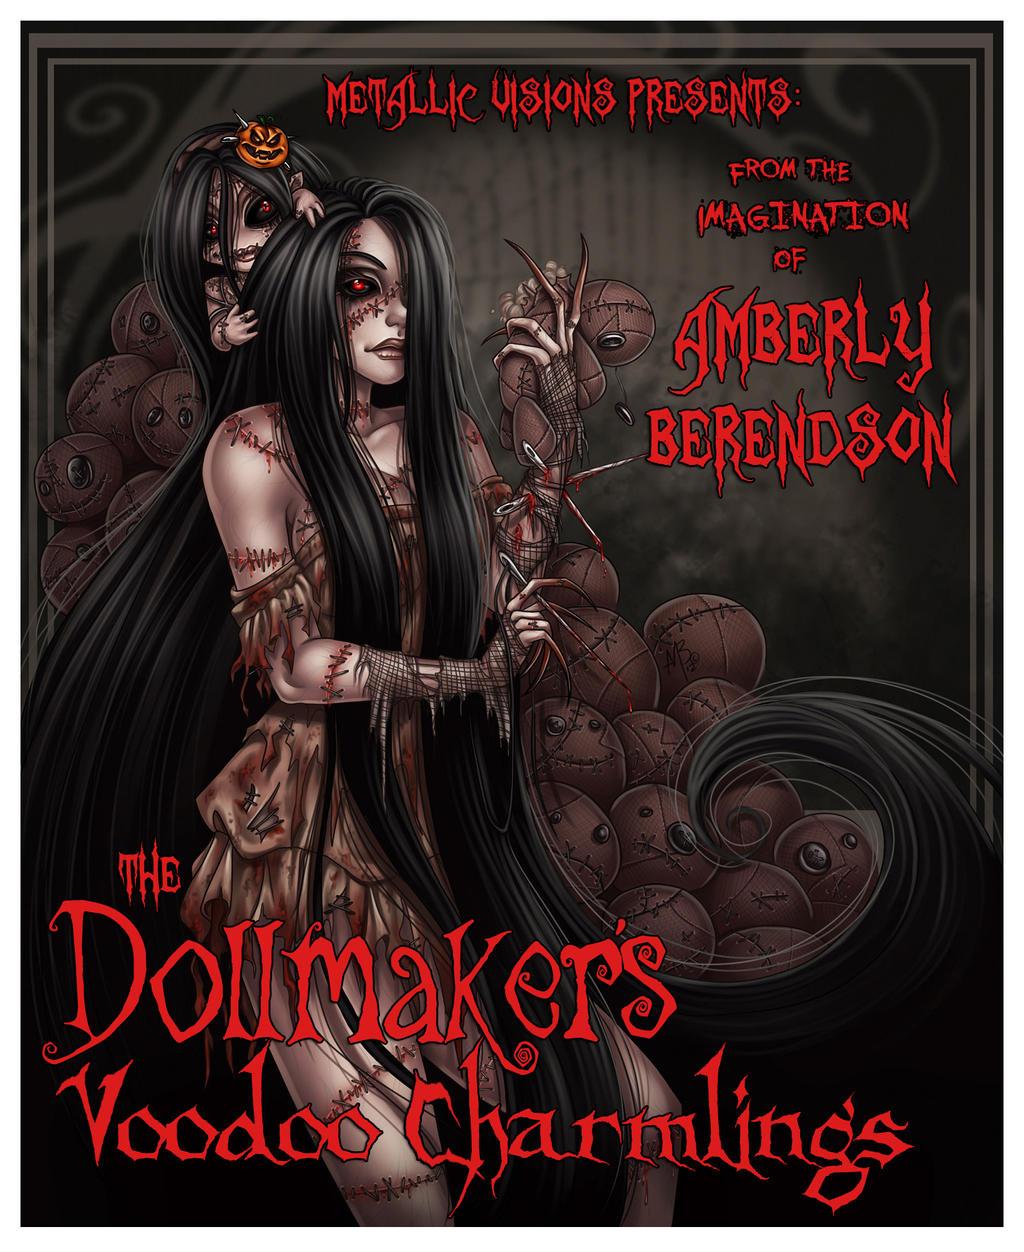 dollmakerPRINT by Harpyqueen